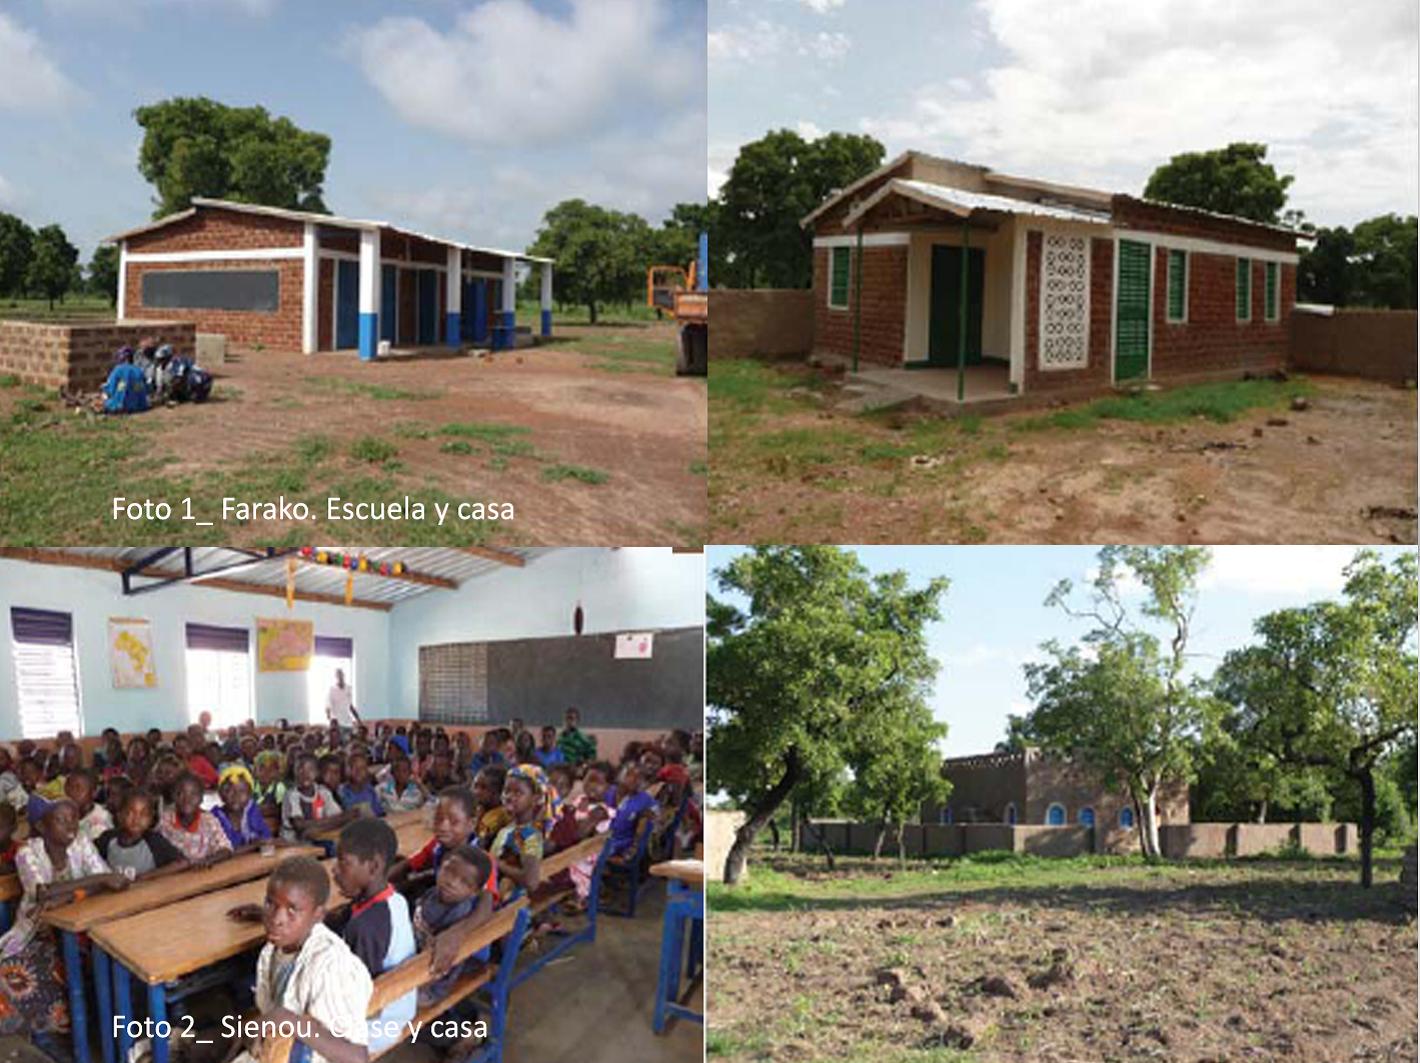 Millora Xarxa Educativa A Karangasso-Vigue 1